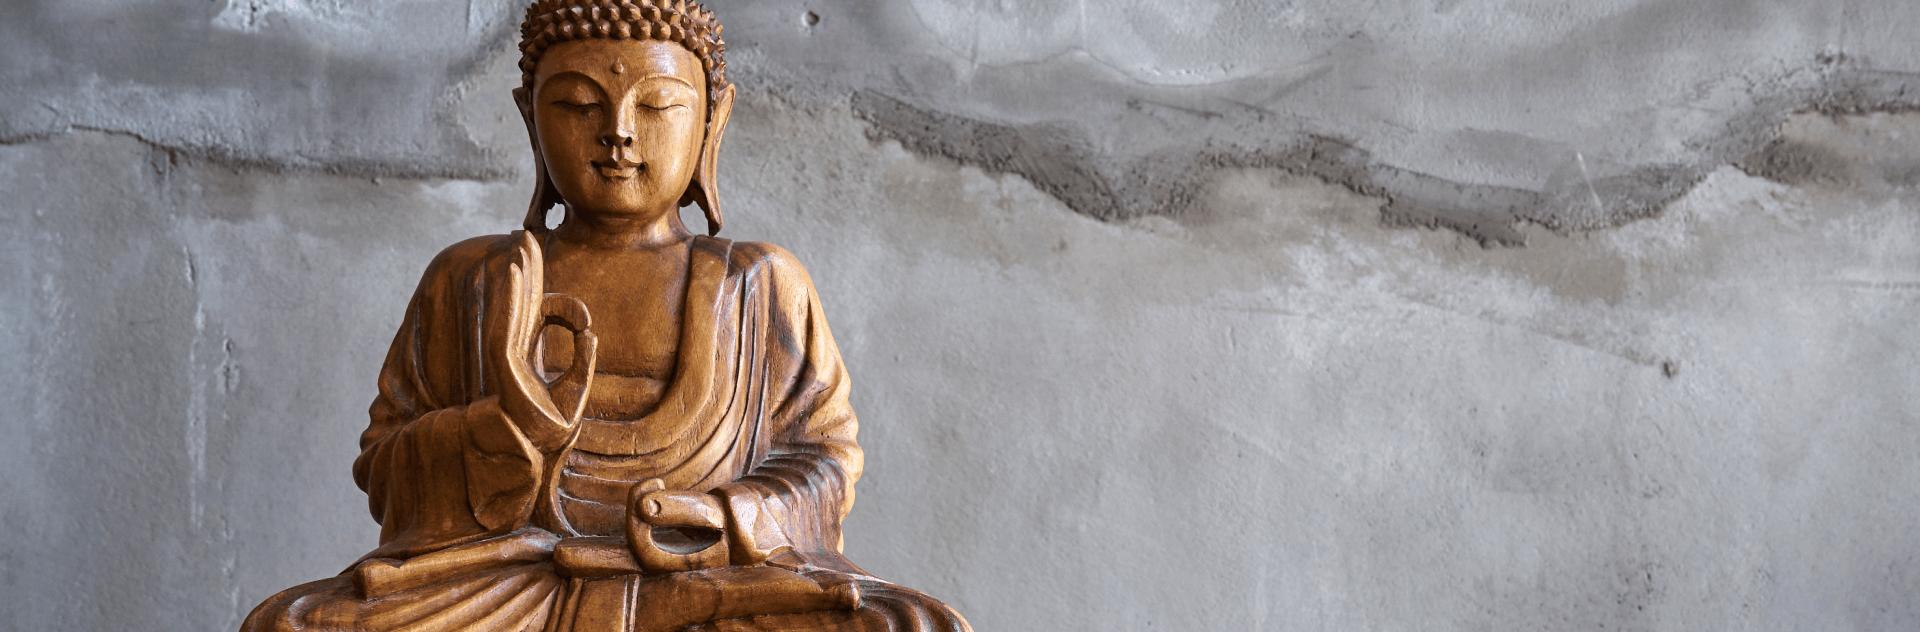 仏像の彫刻、販売も